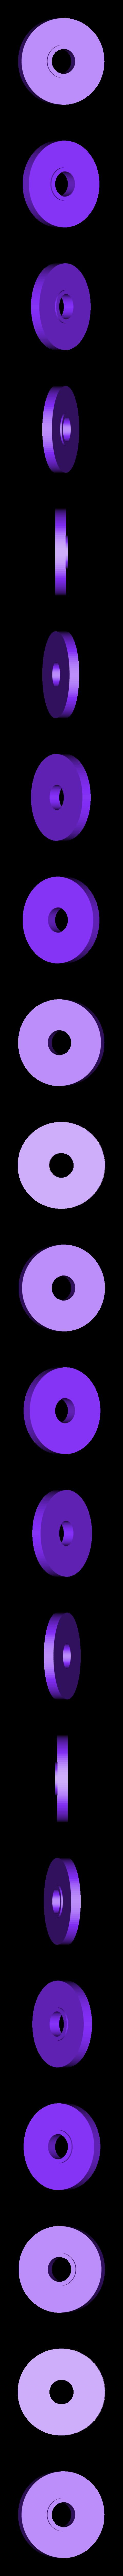 BearingCover_Back.stl Télécharger fichier STL gratuit Bayblade Fidget Toy • Modèle à imprimer en 3D, PentlandDesigns